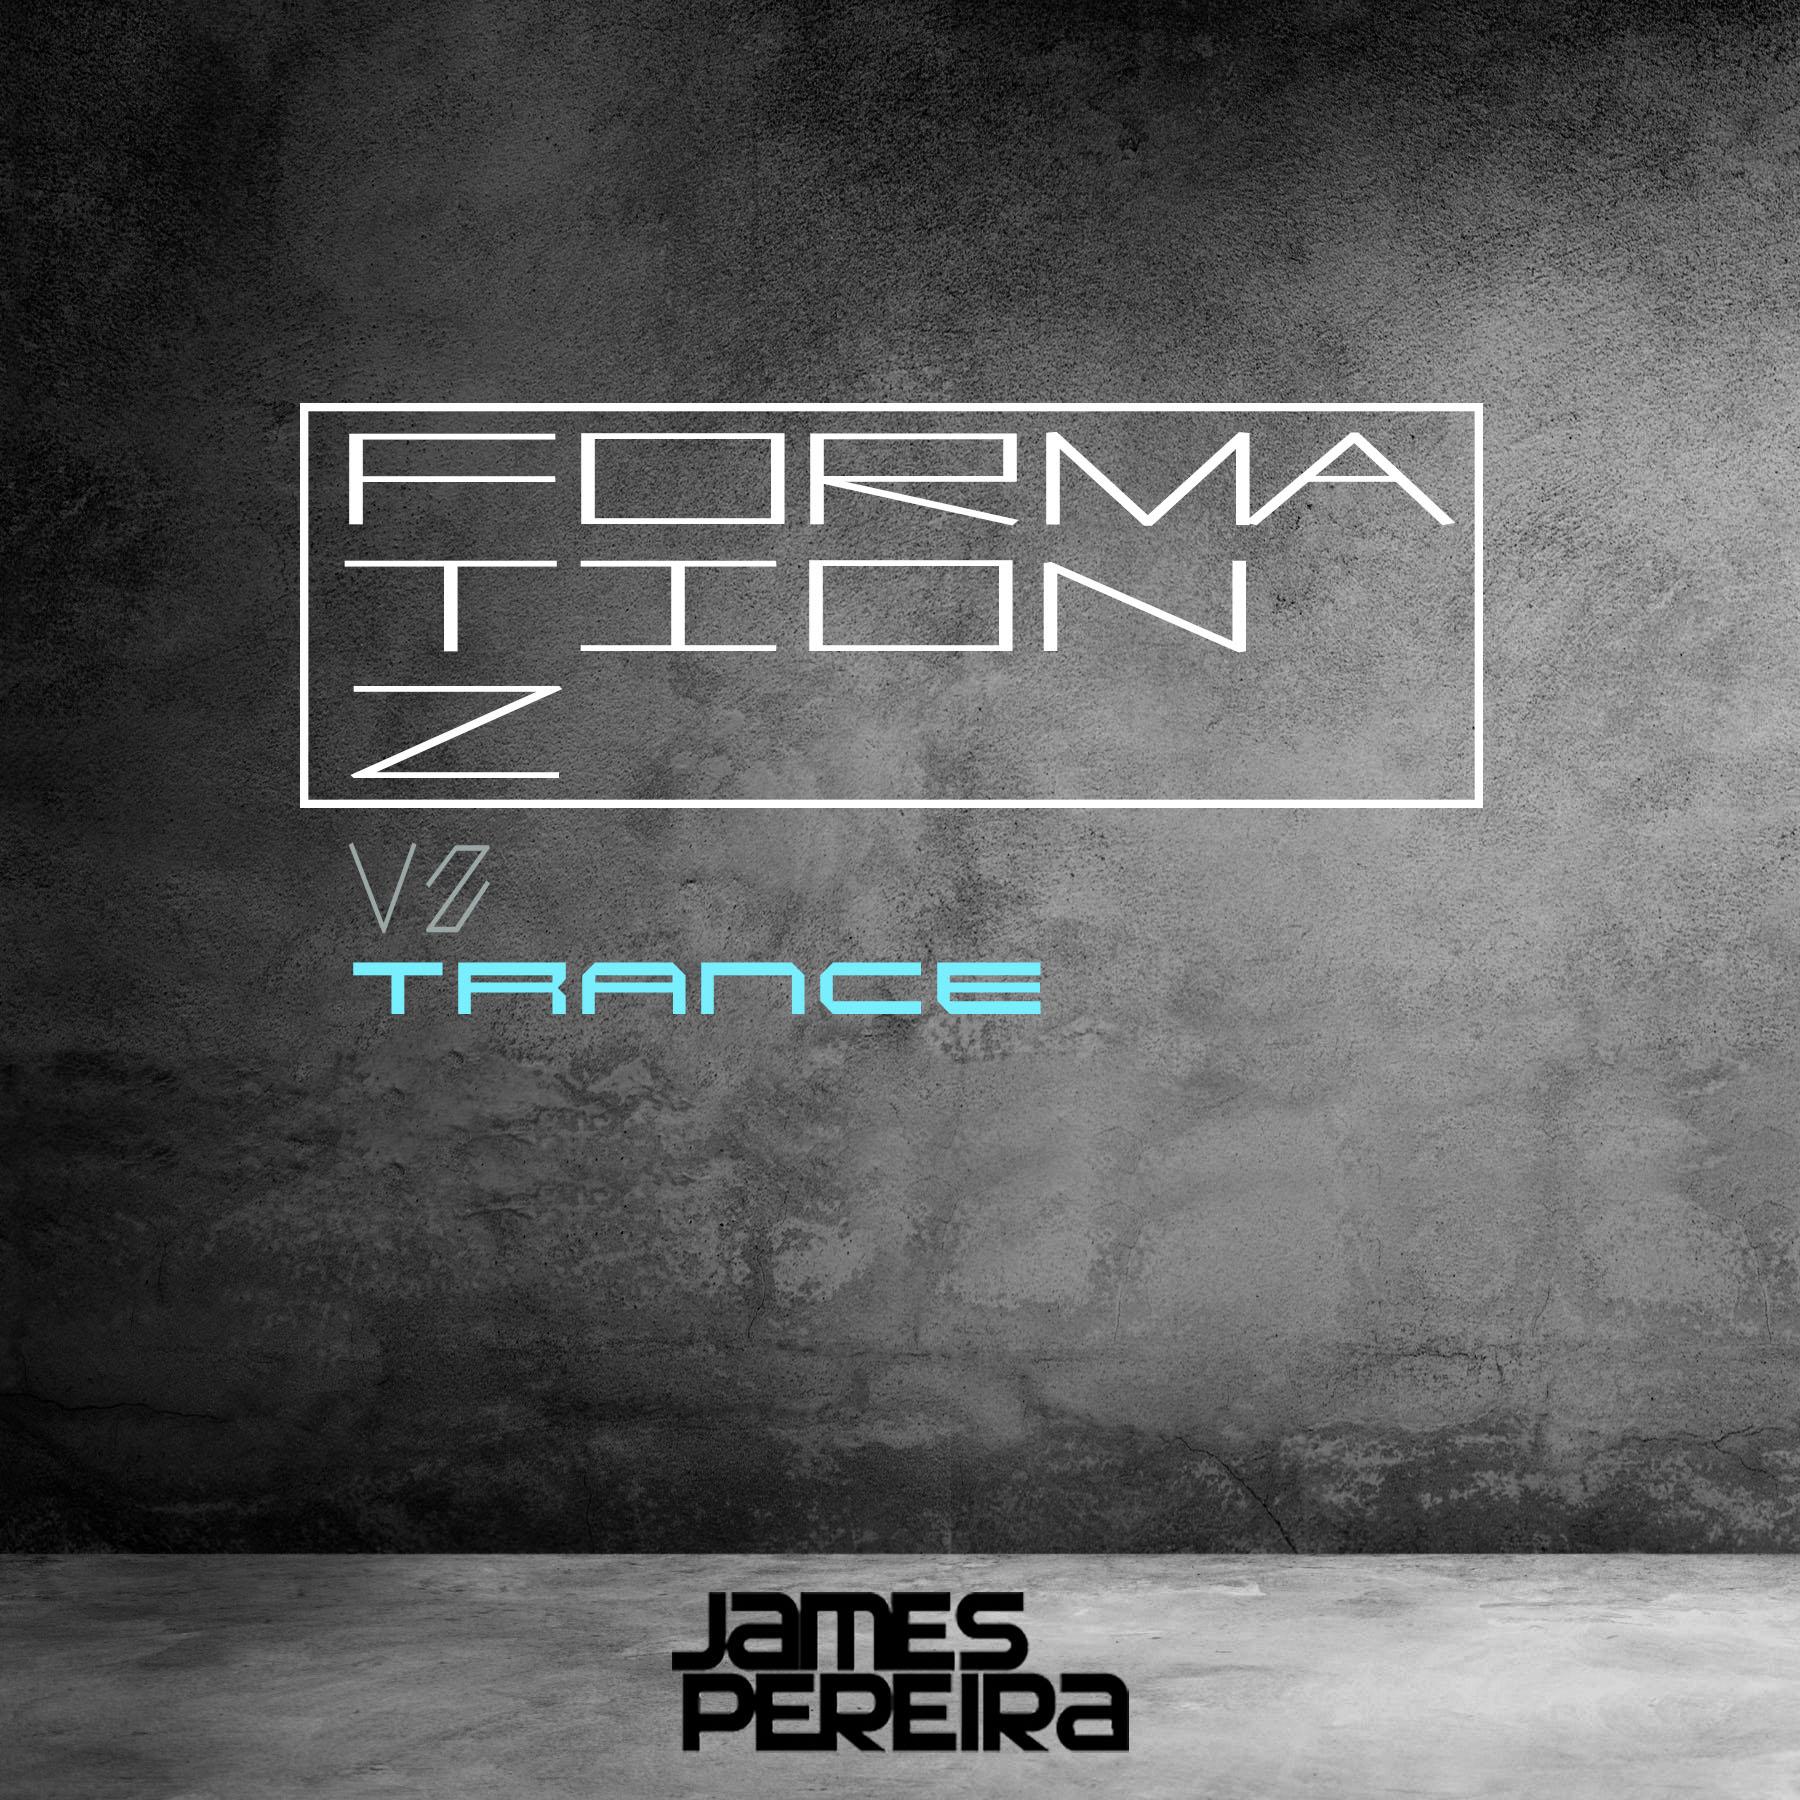 FORMATIONZ-V2-Trance.jpg